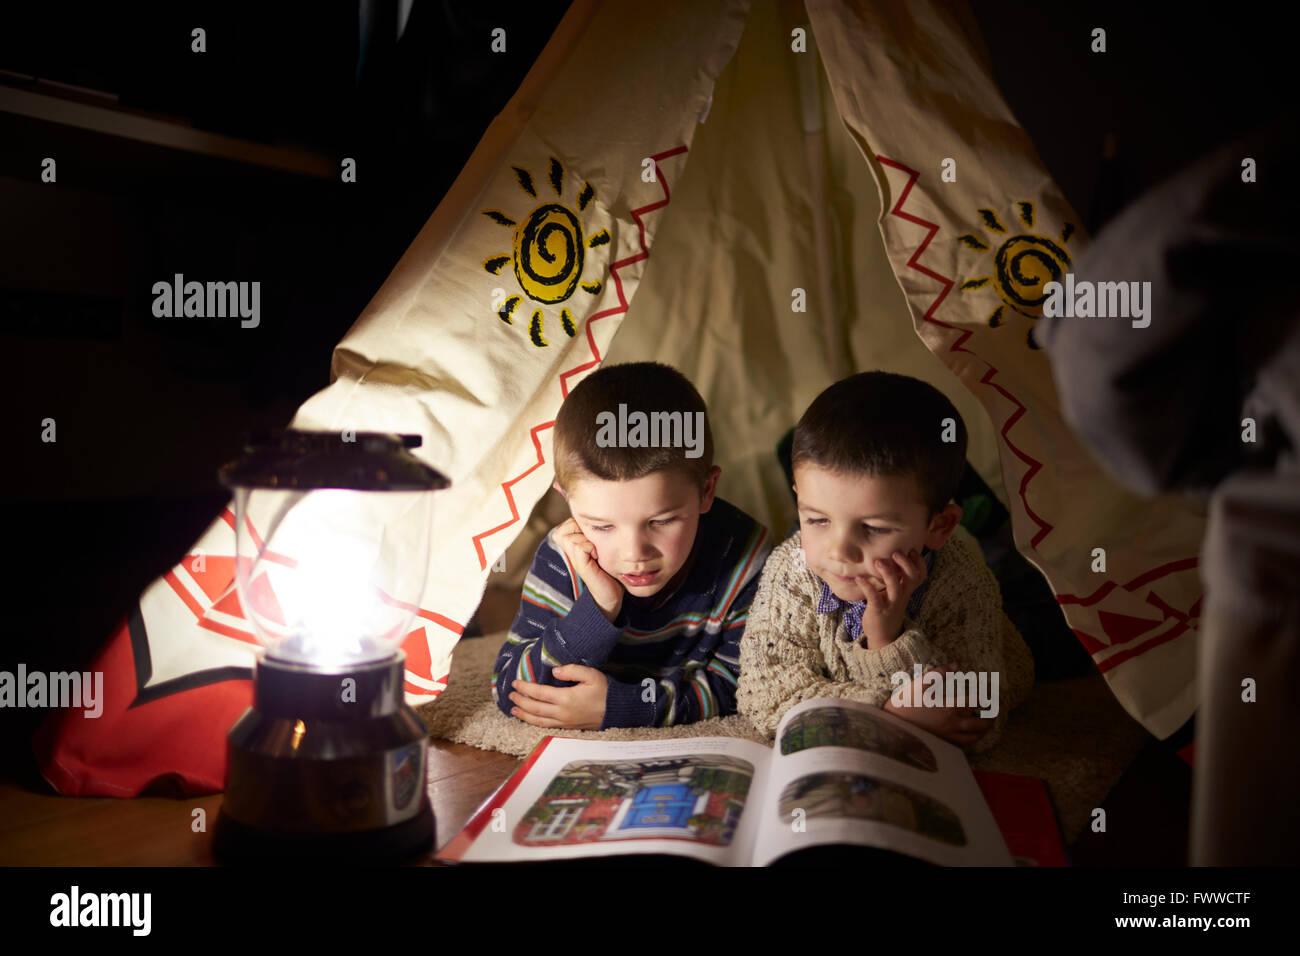 Zwei jungen lesen im Zelt drinnen einrichten Stockbild